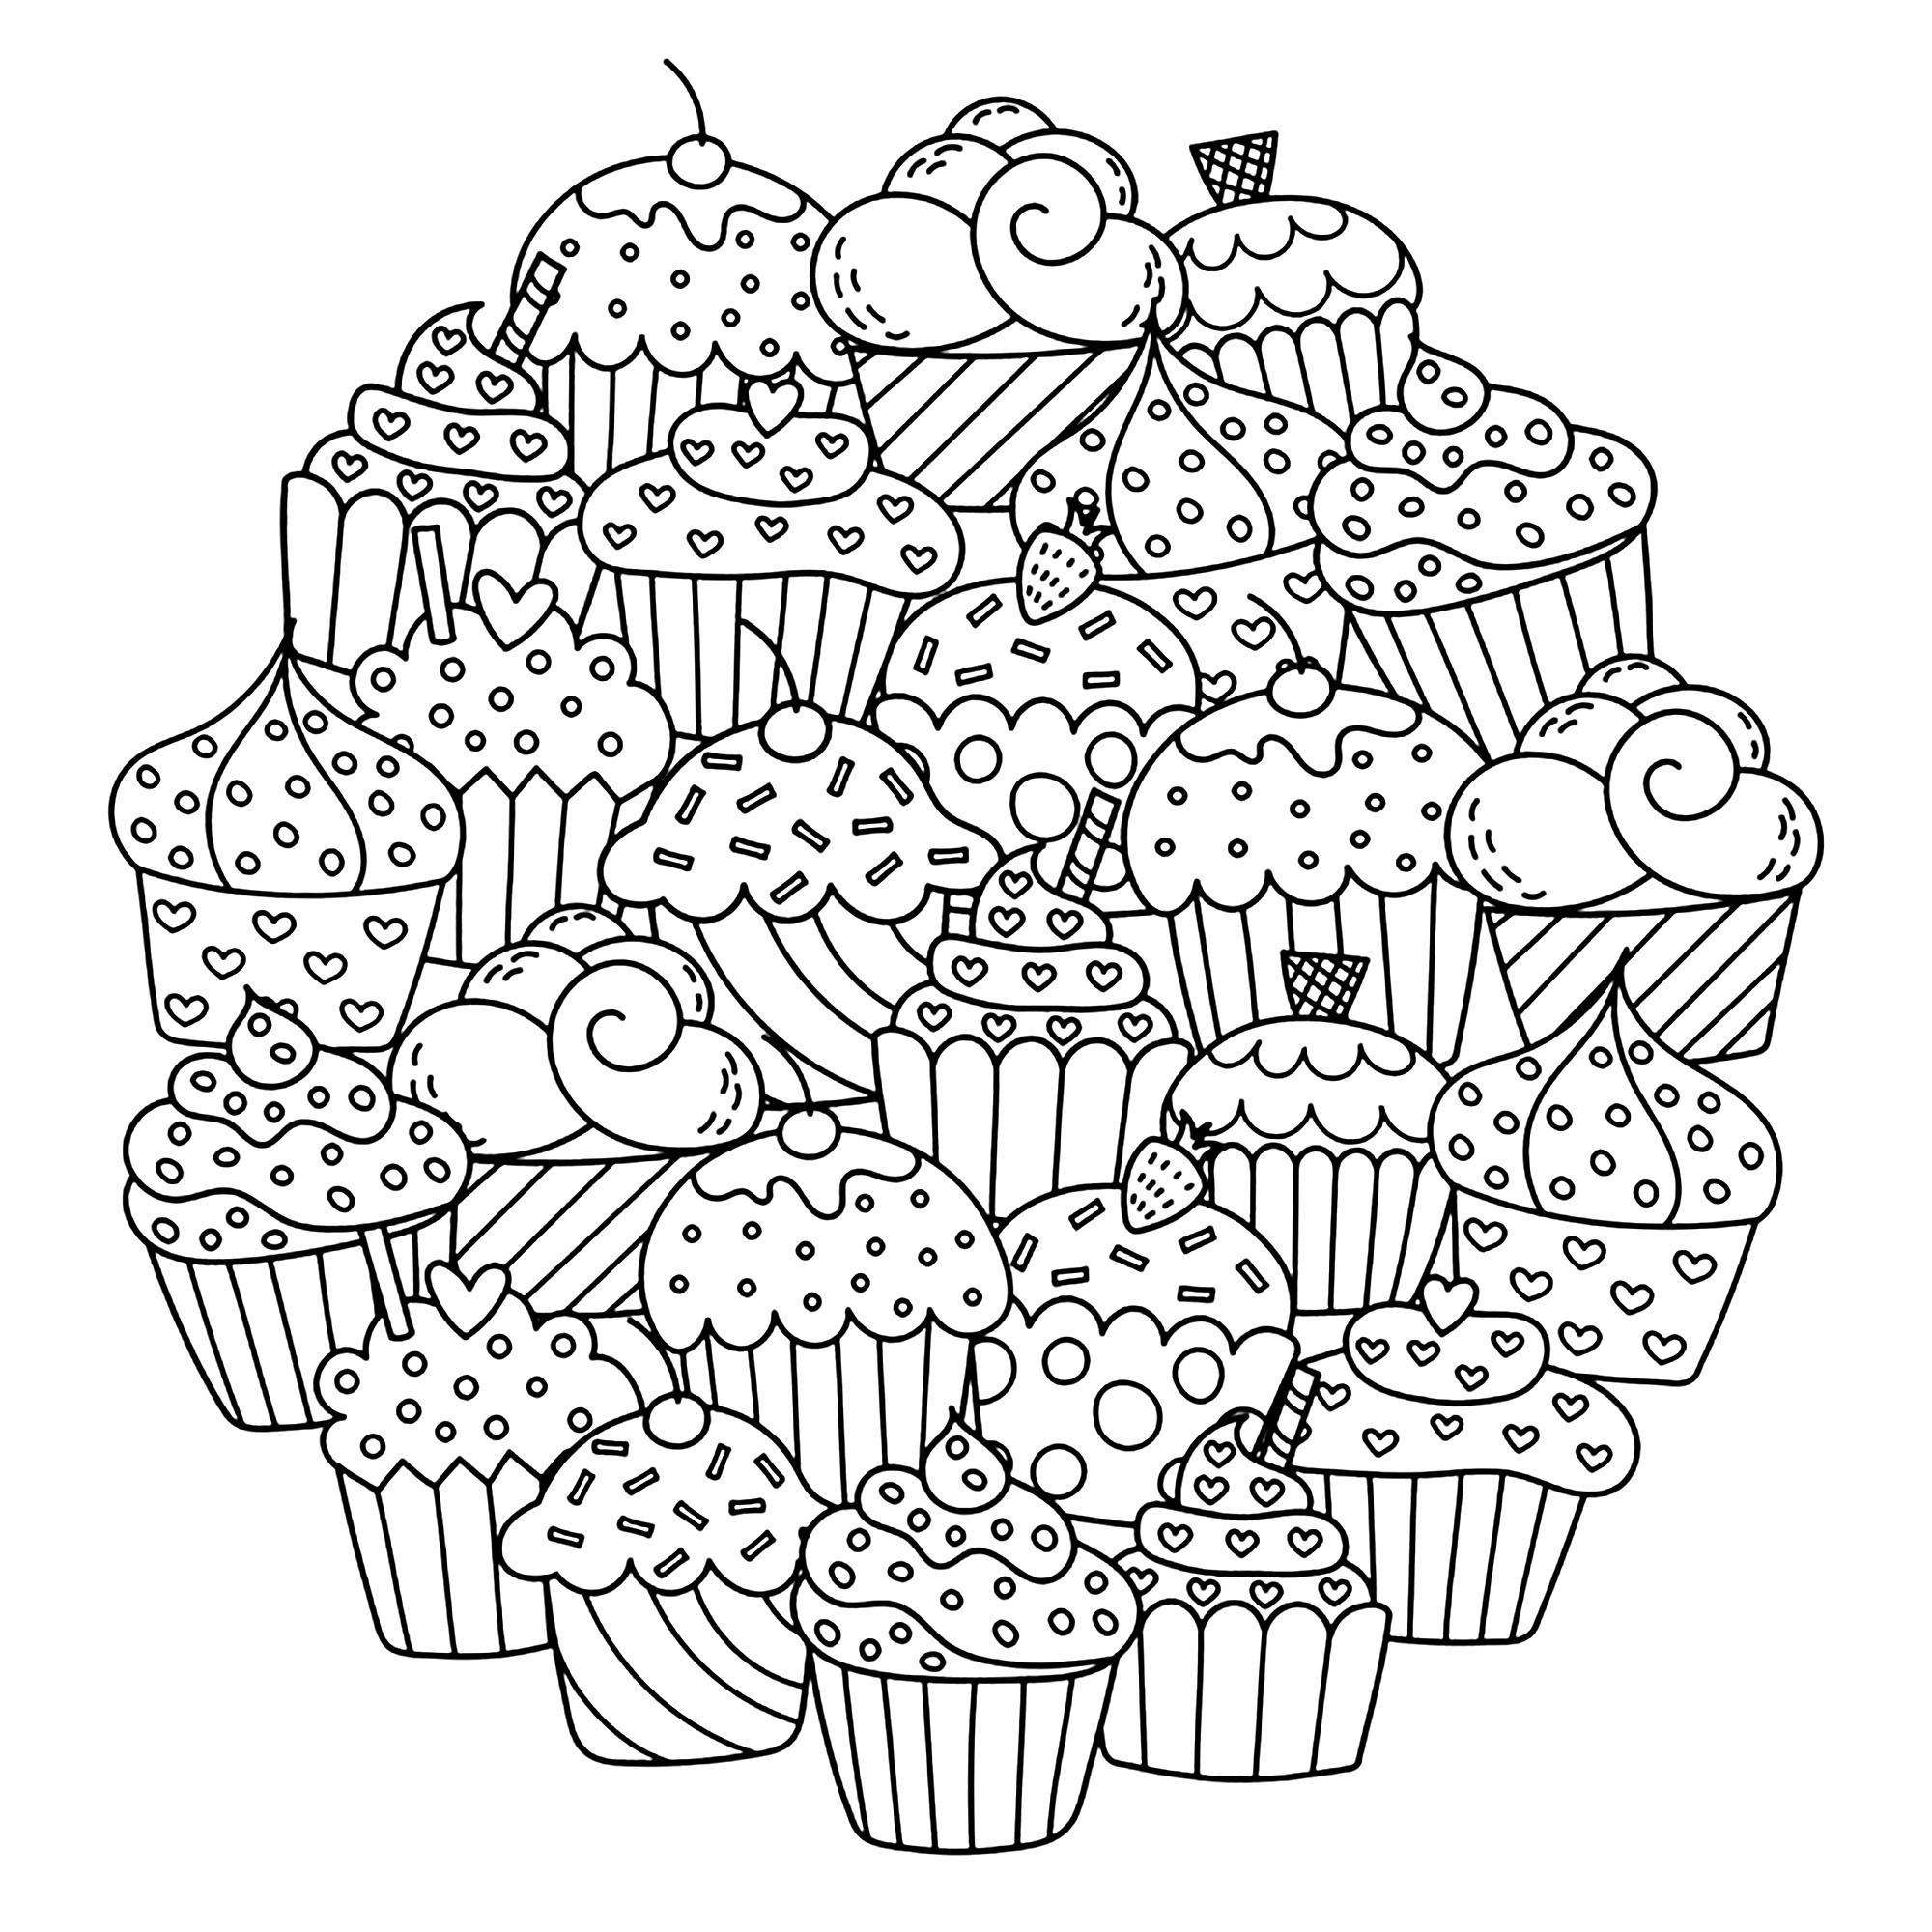 Dessin cupcake circulaire - Coloriage Cupcakes et gateaux ...